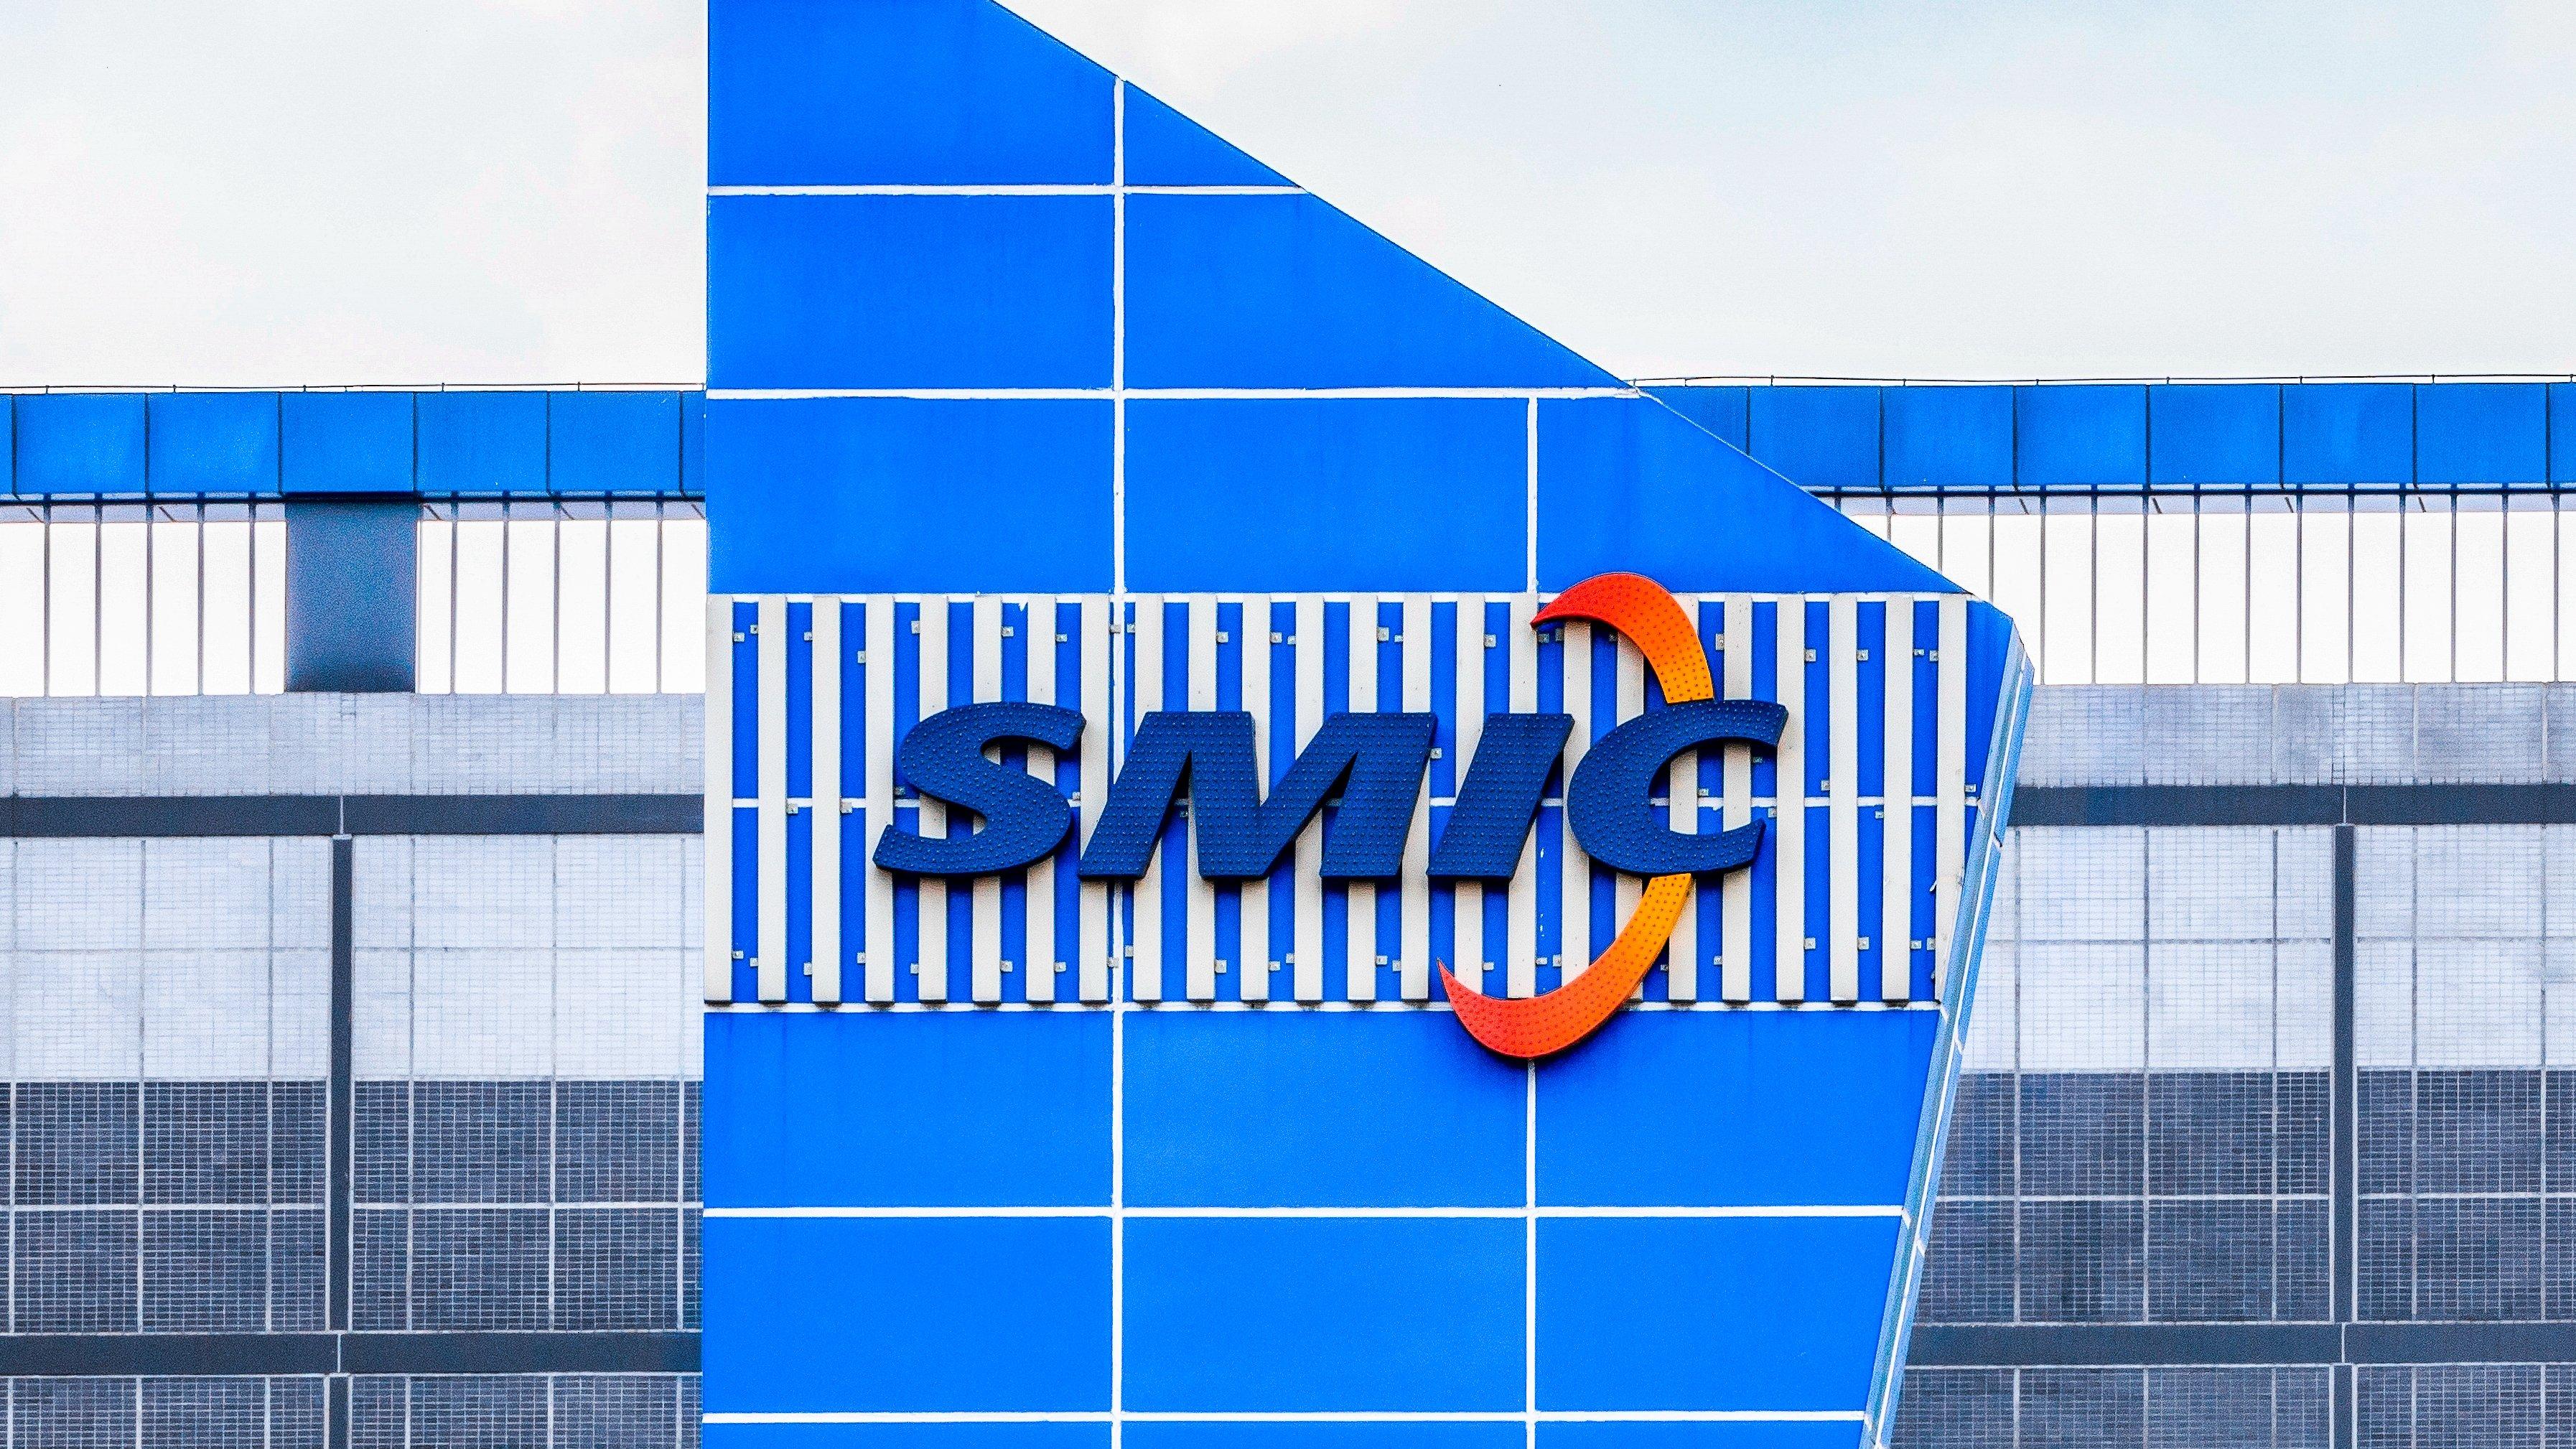 SMIC построит в Шанхае новый завод за 9 миллиардов долларов